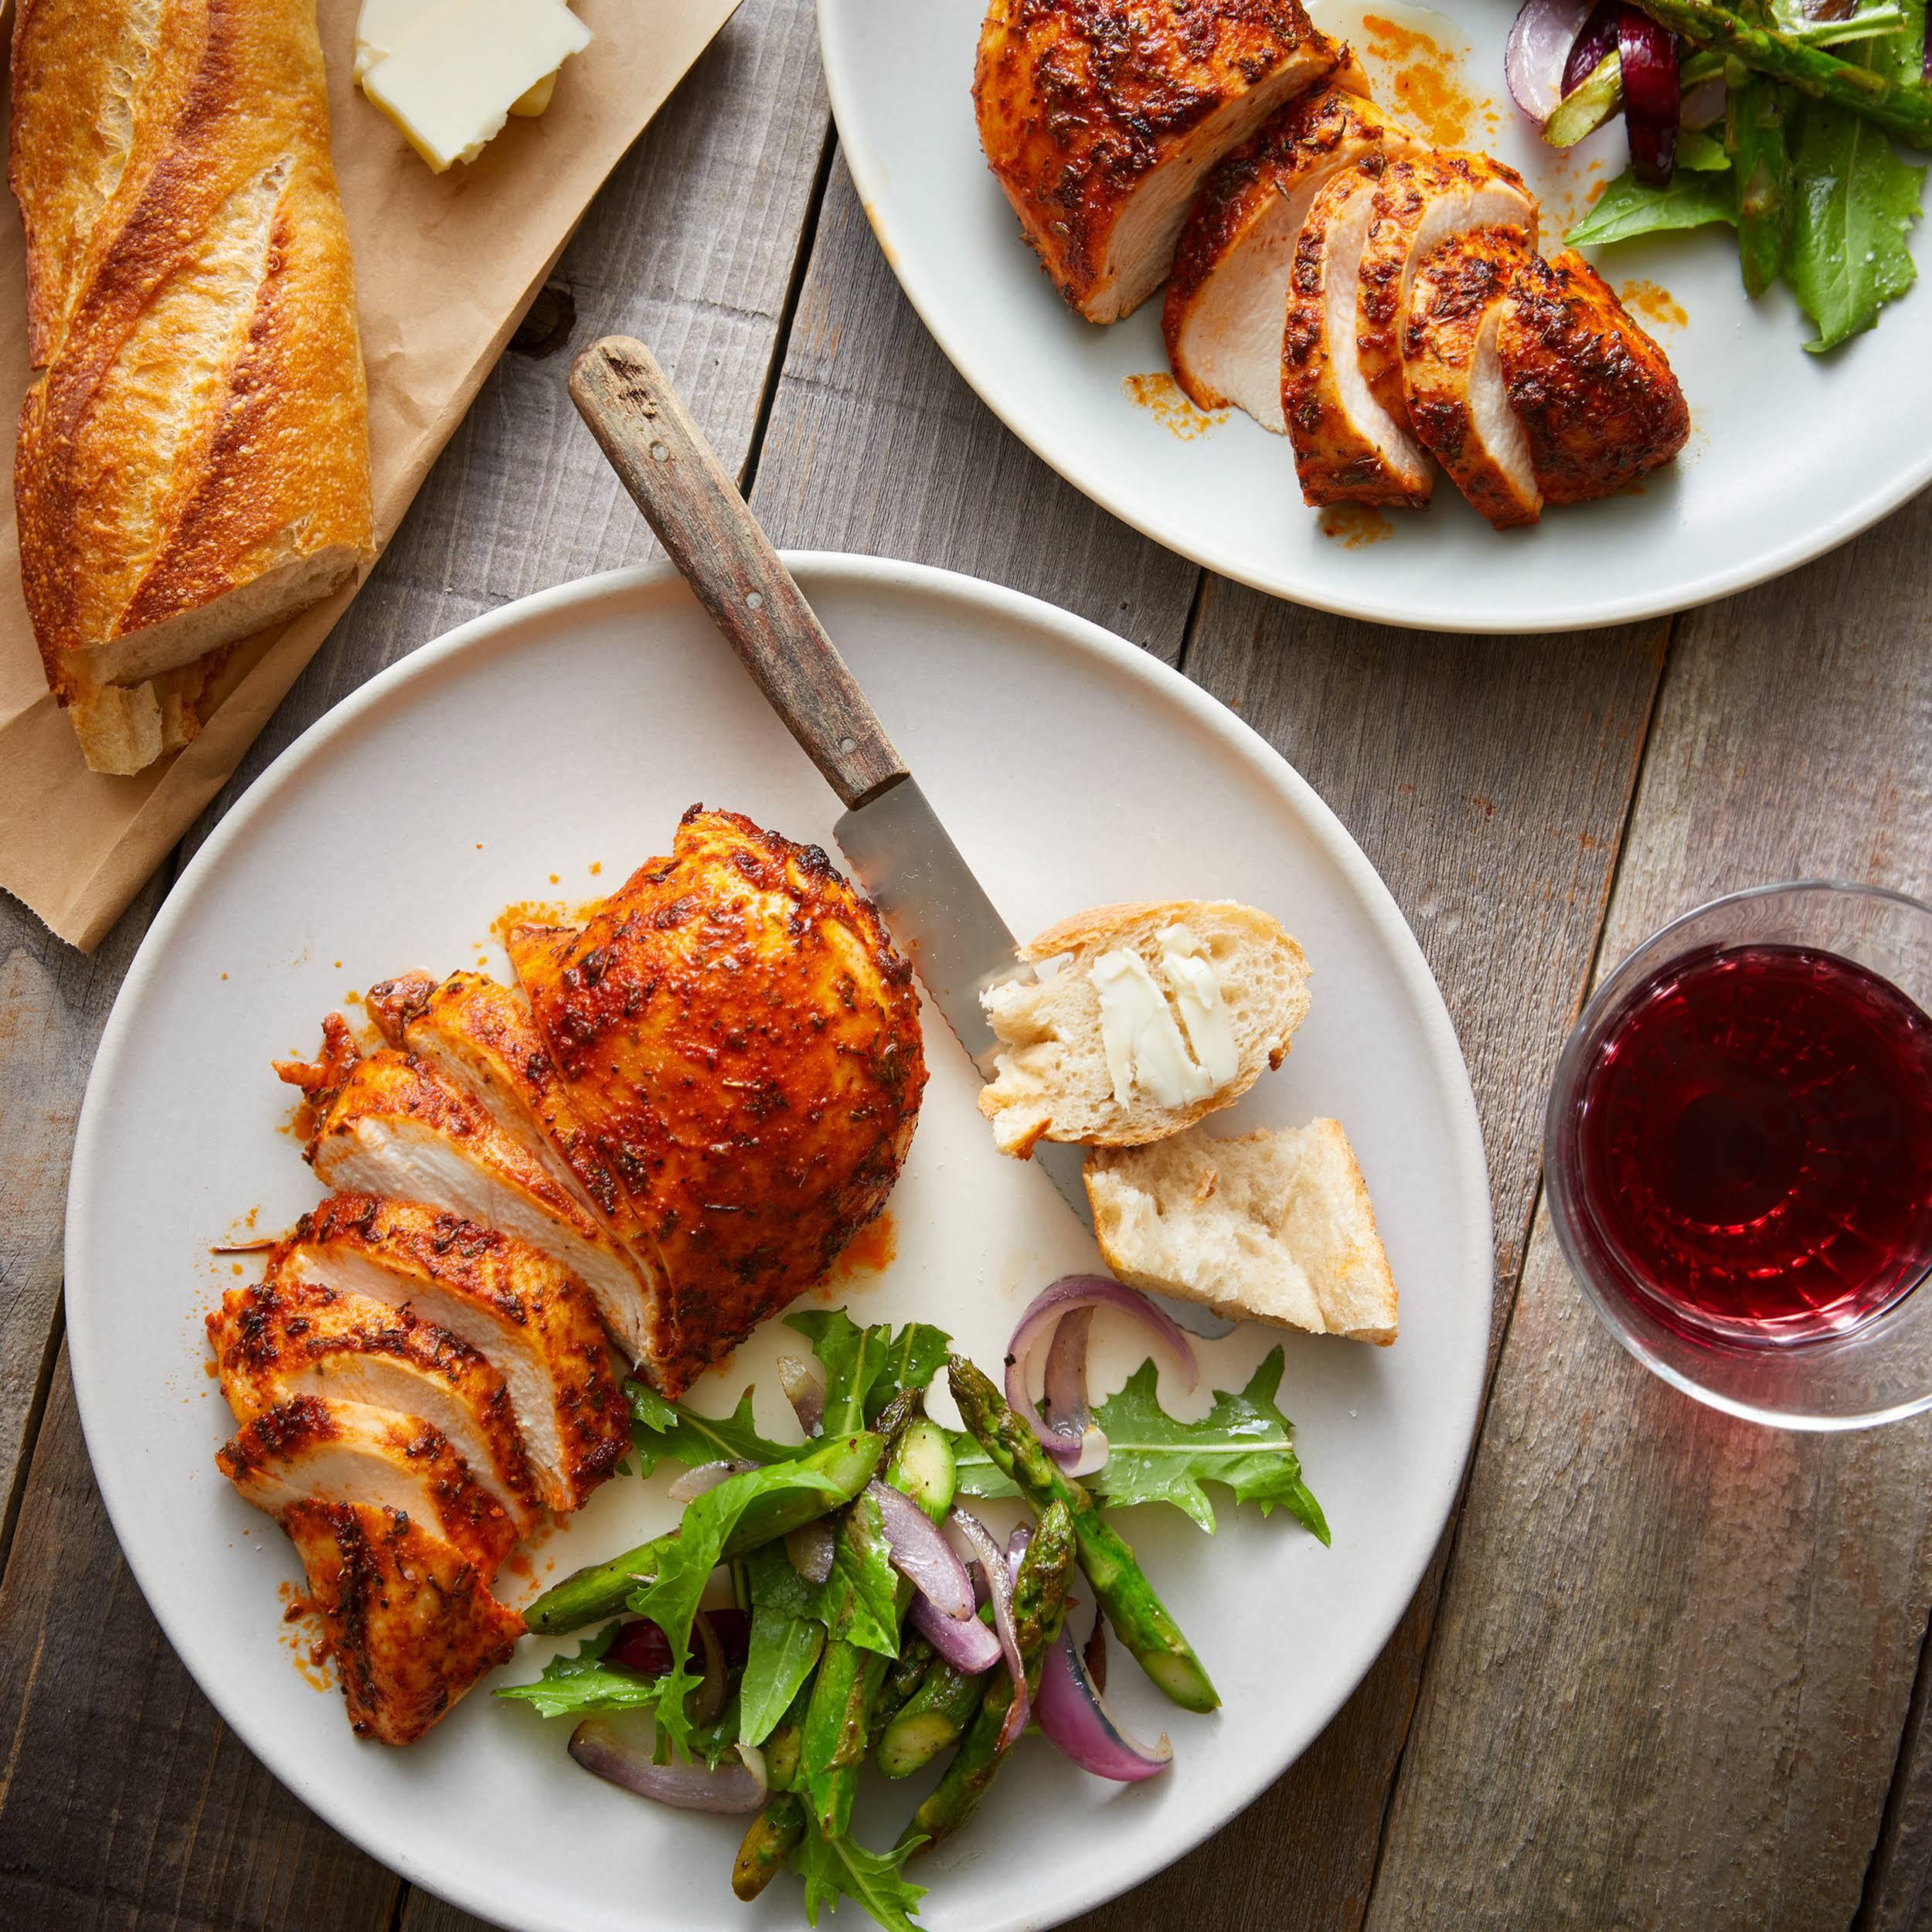 Juicy Oven-Baked Cajun Chicken Breasts